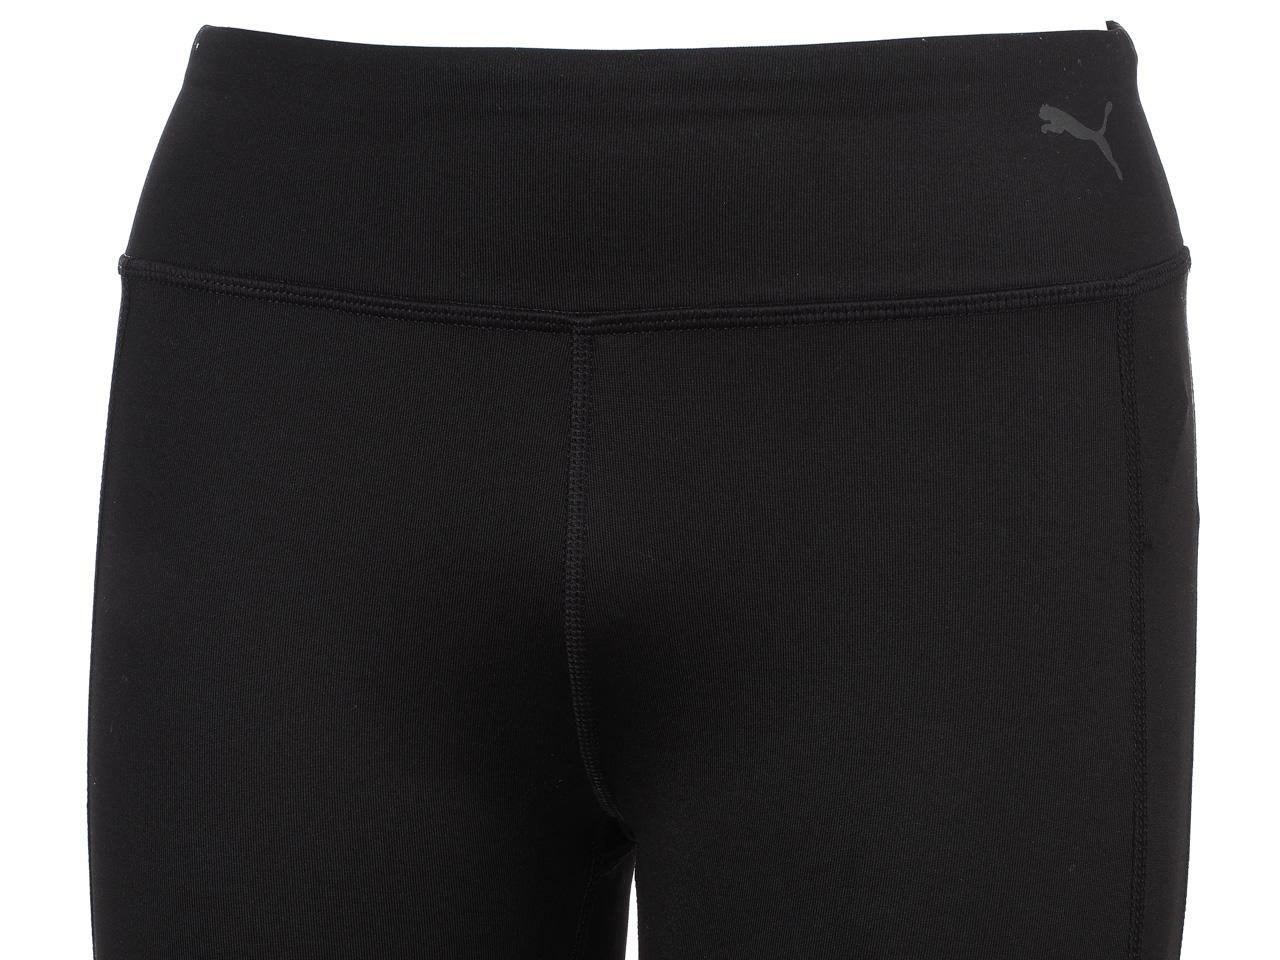 Legging-sport-Puma-Essential-tight-blk-lady-Noir-55932-Neuf